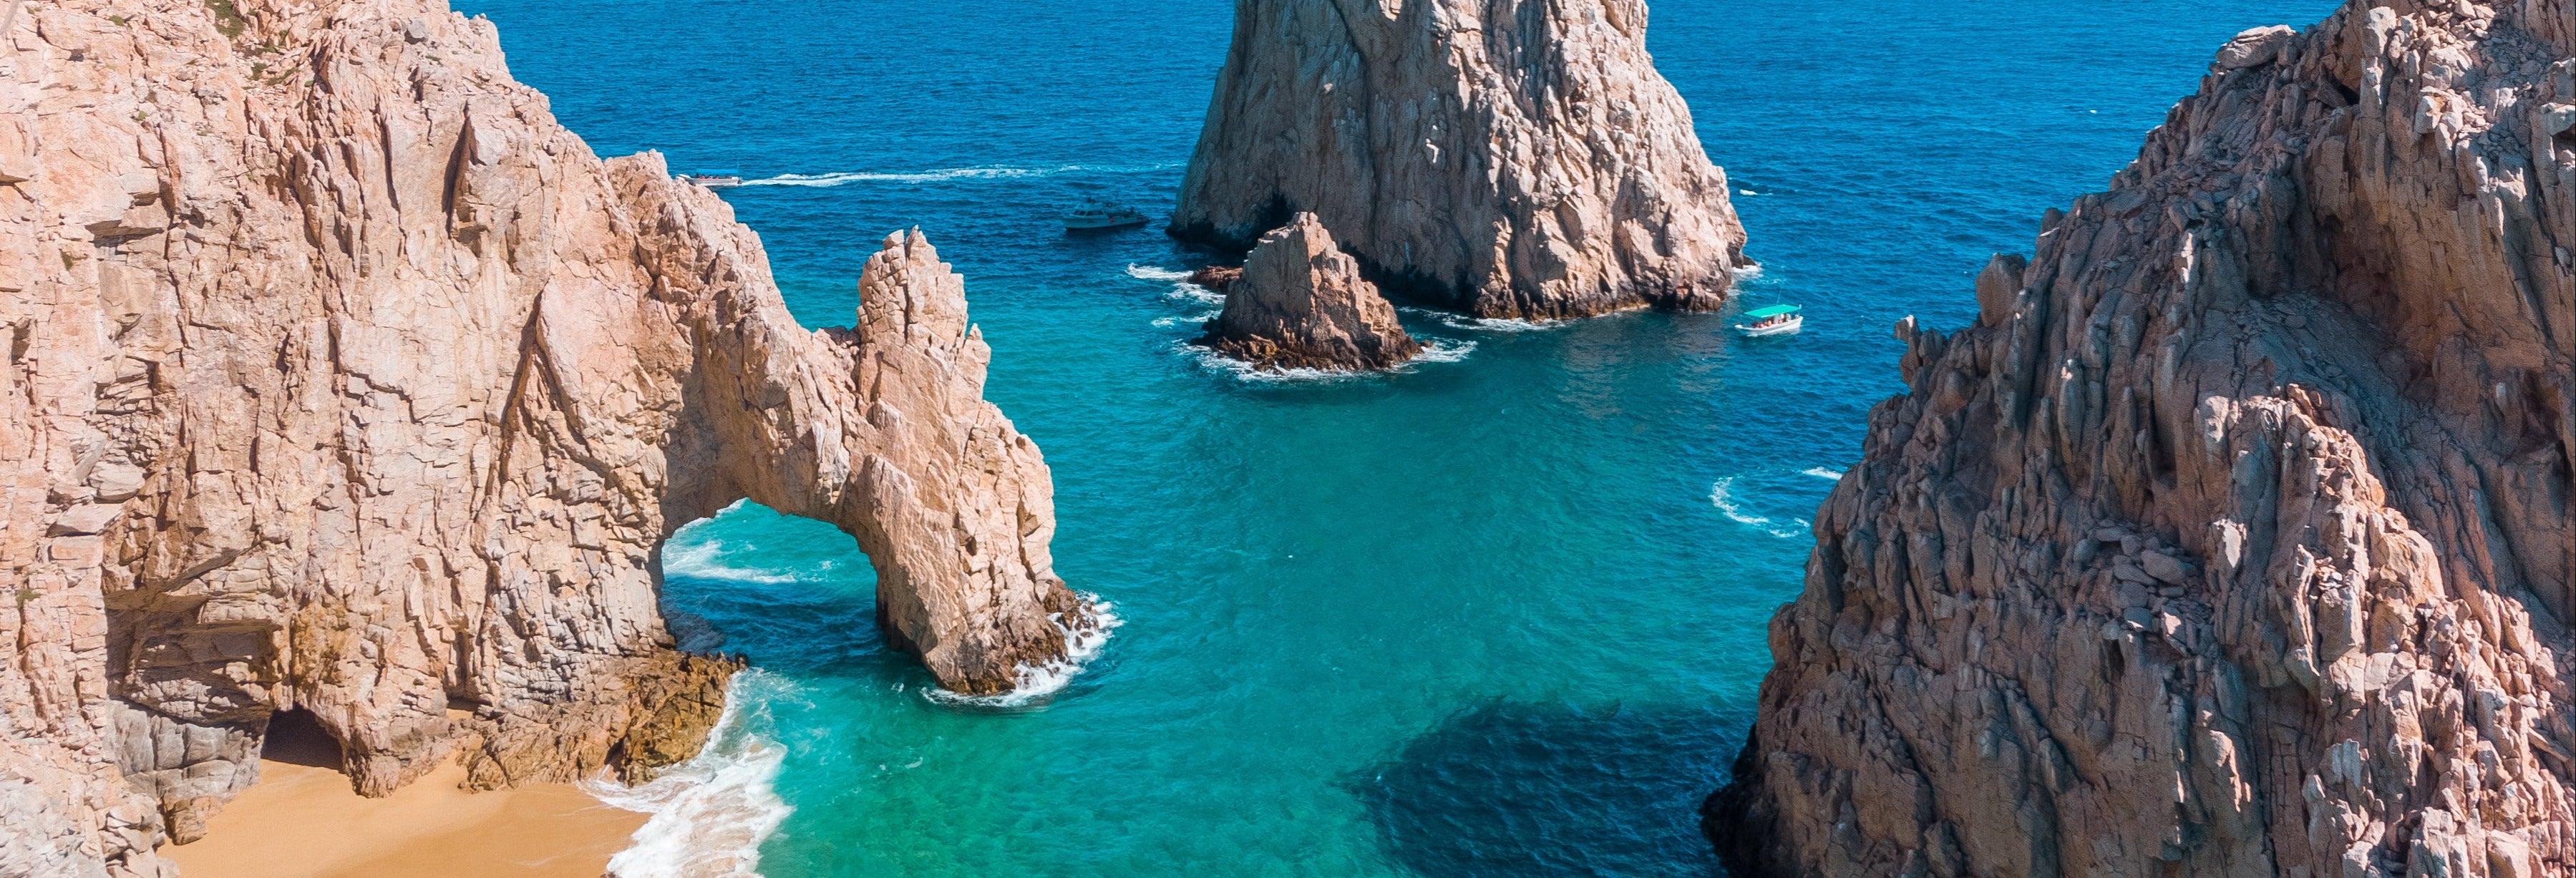 Tour por Cabo San Lucas